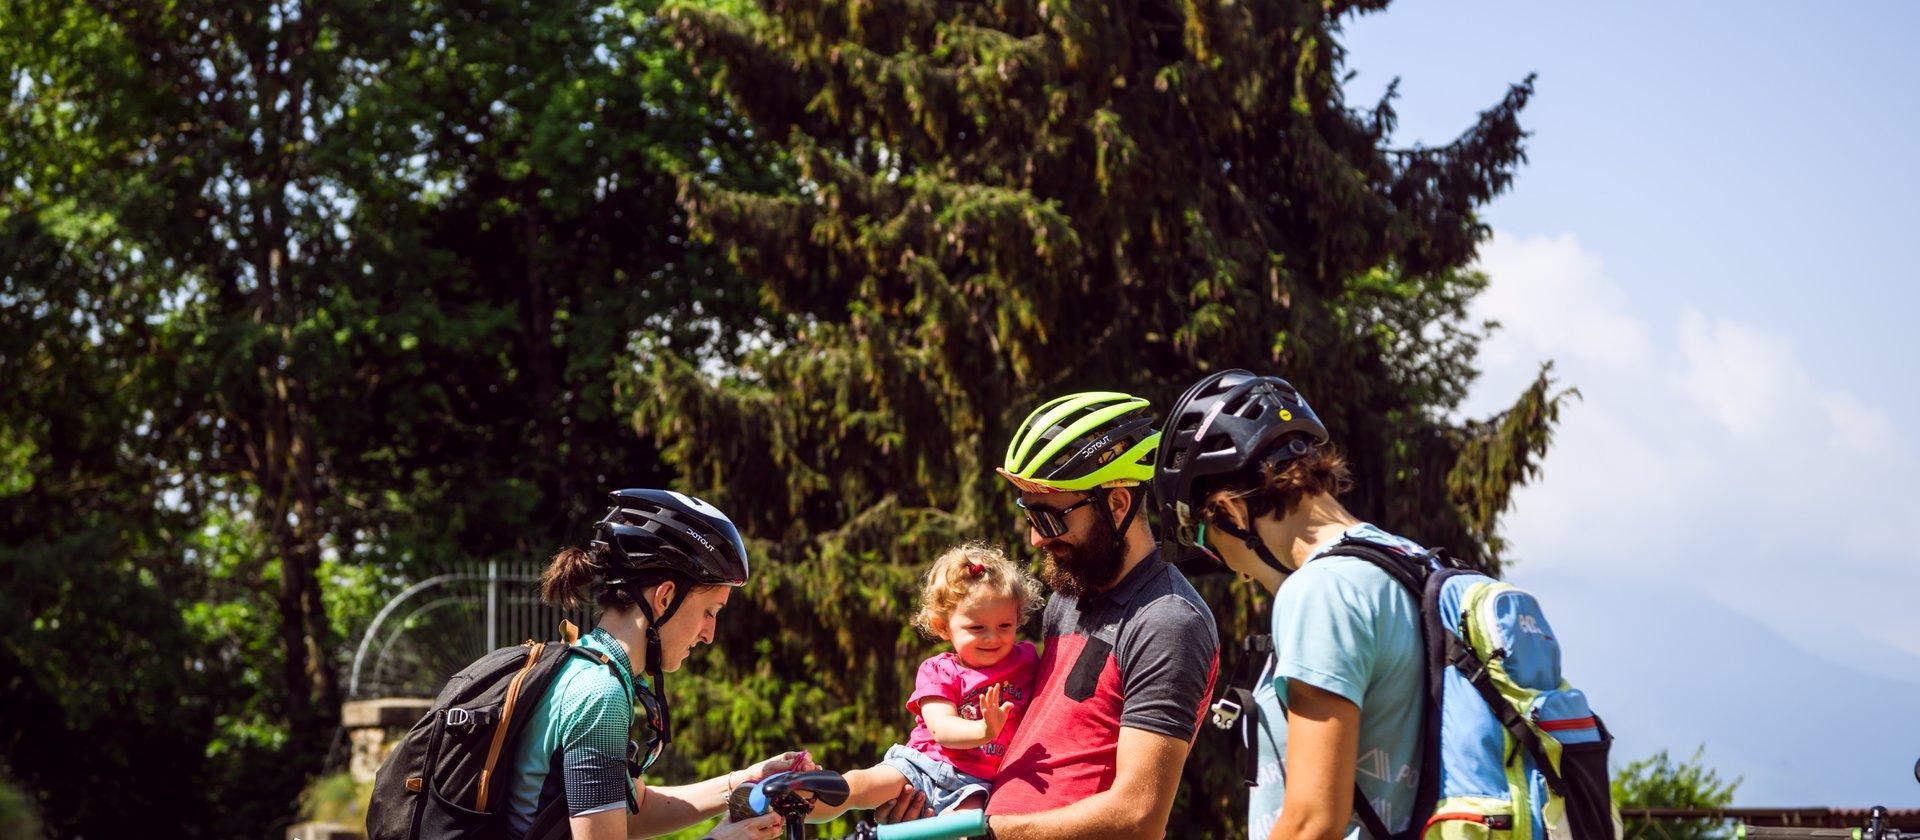 Vacanze in bici in montagna sull'Altopiano di Asia